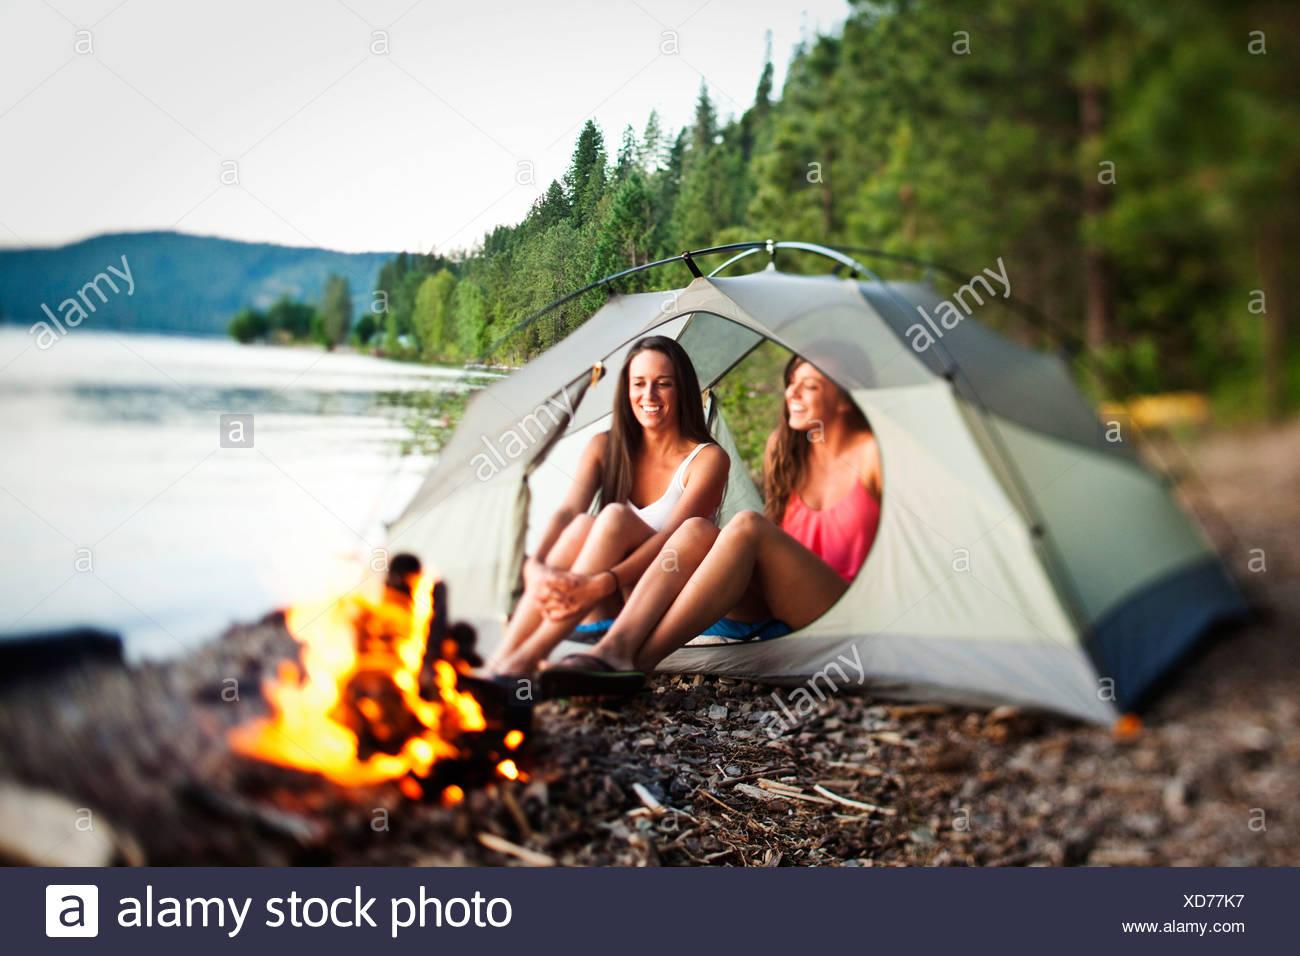 Deux belles femmes rire et sourire assis dans leur tente à côté d'un feu de camp dans l'Idaho. Photo Stock